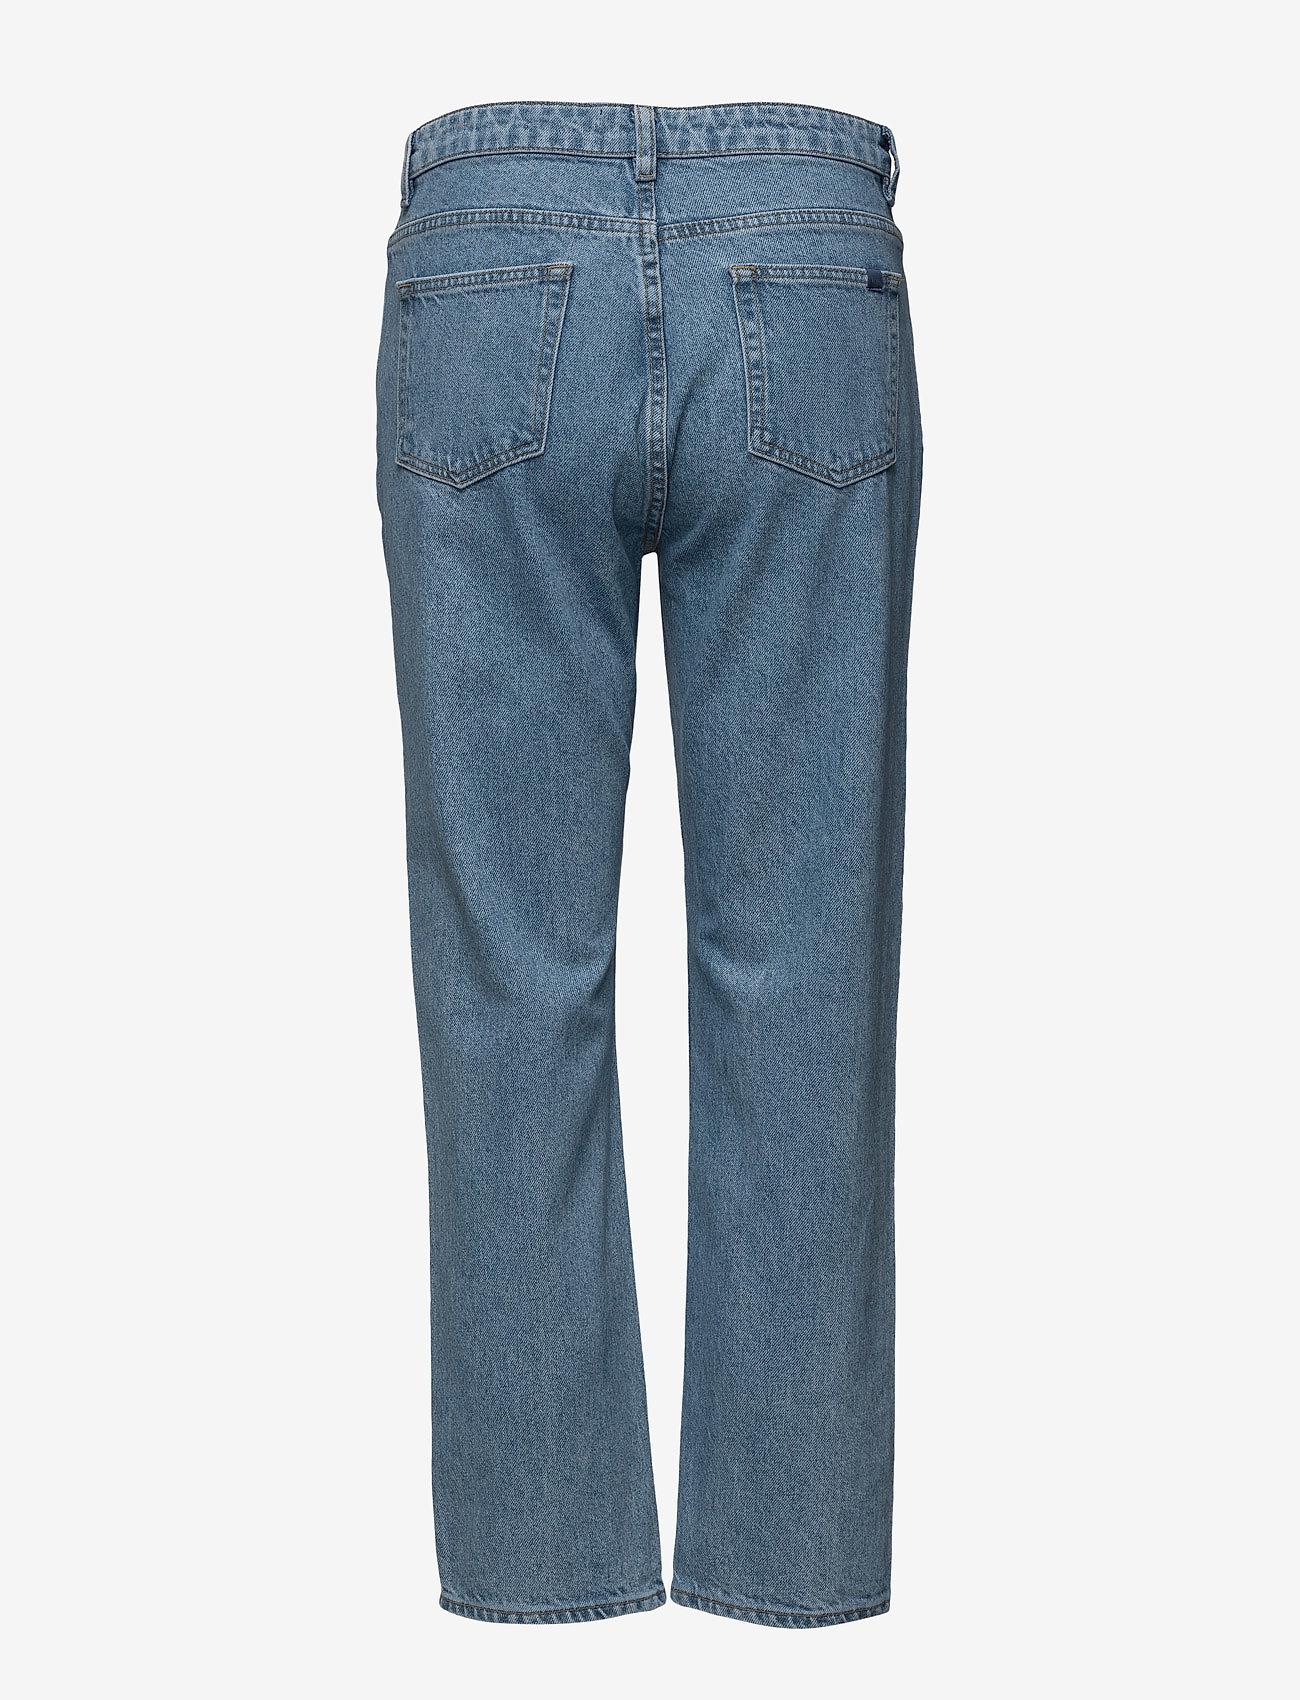 Wood Wood - Eve jeans - bluevintage - 1